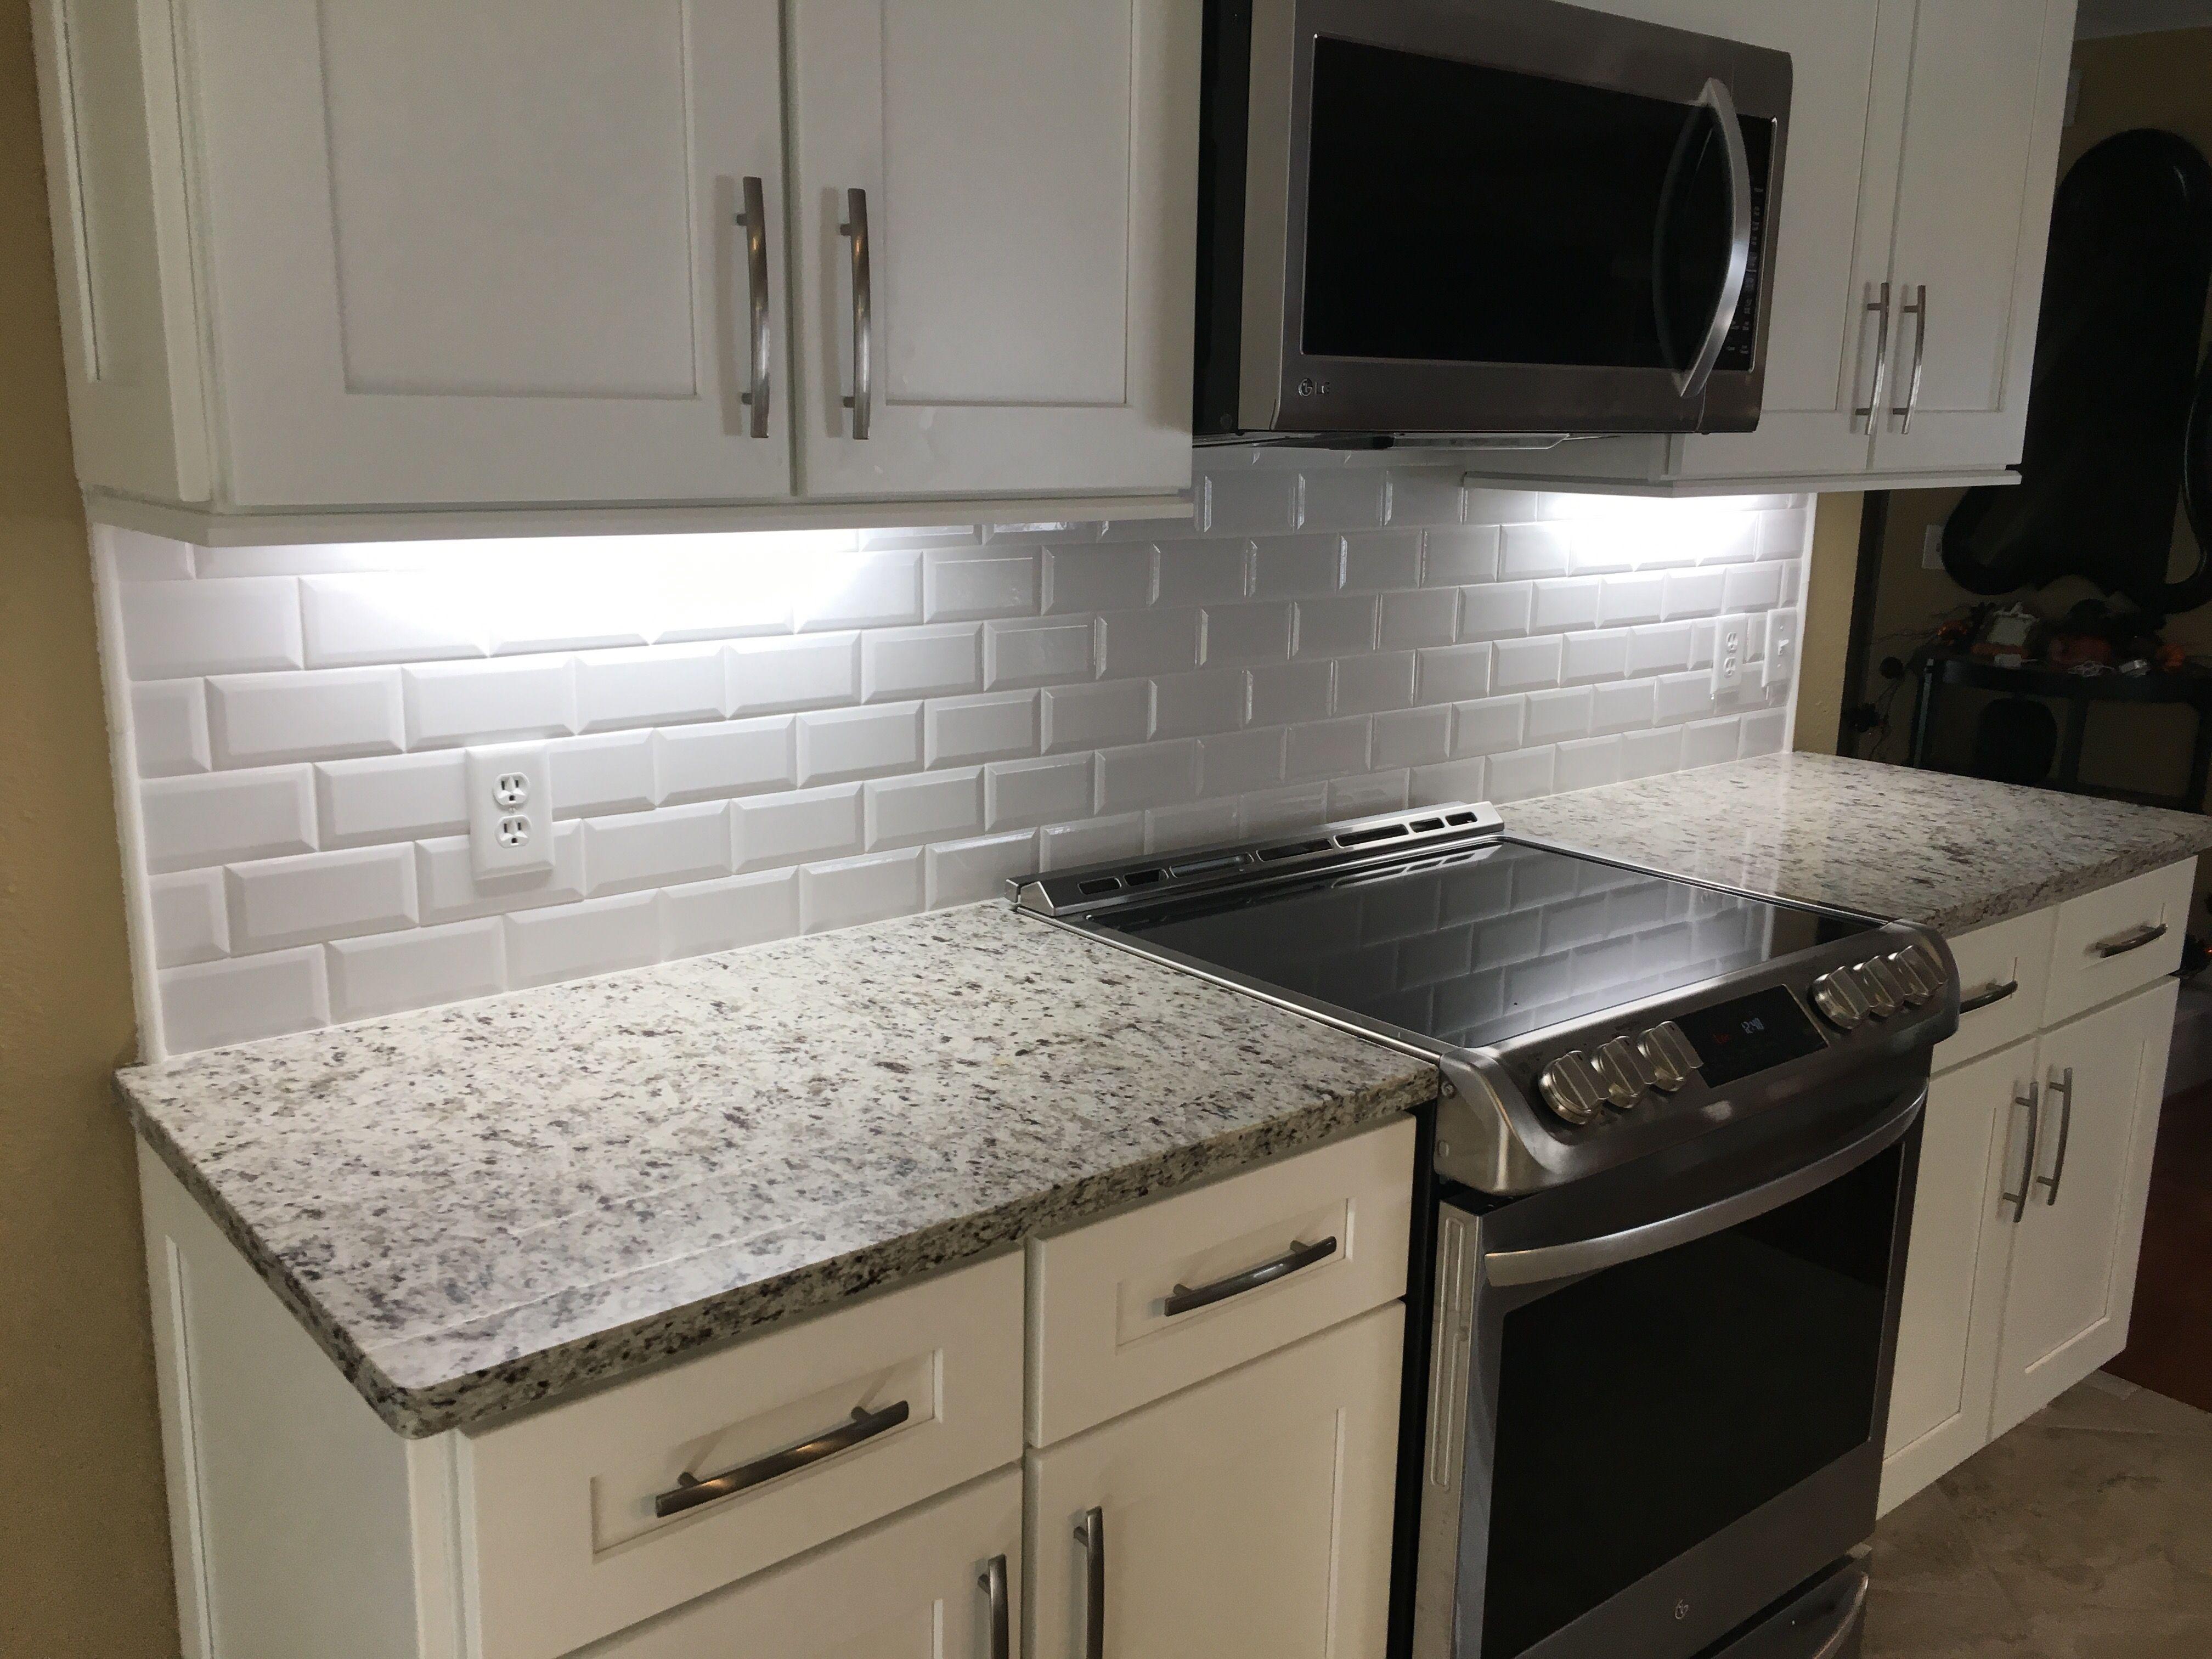 12 Subway Tile Backsplash Design Ideas Installation Tips Enthusiasthome Beveled Subway Tile Kitchen Backsplash Designs Kitchen Tiles Backsplash